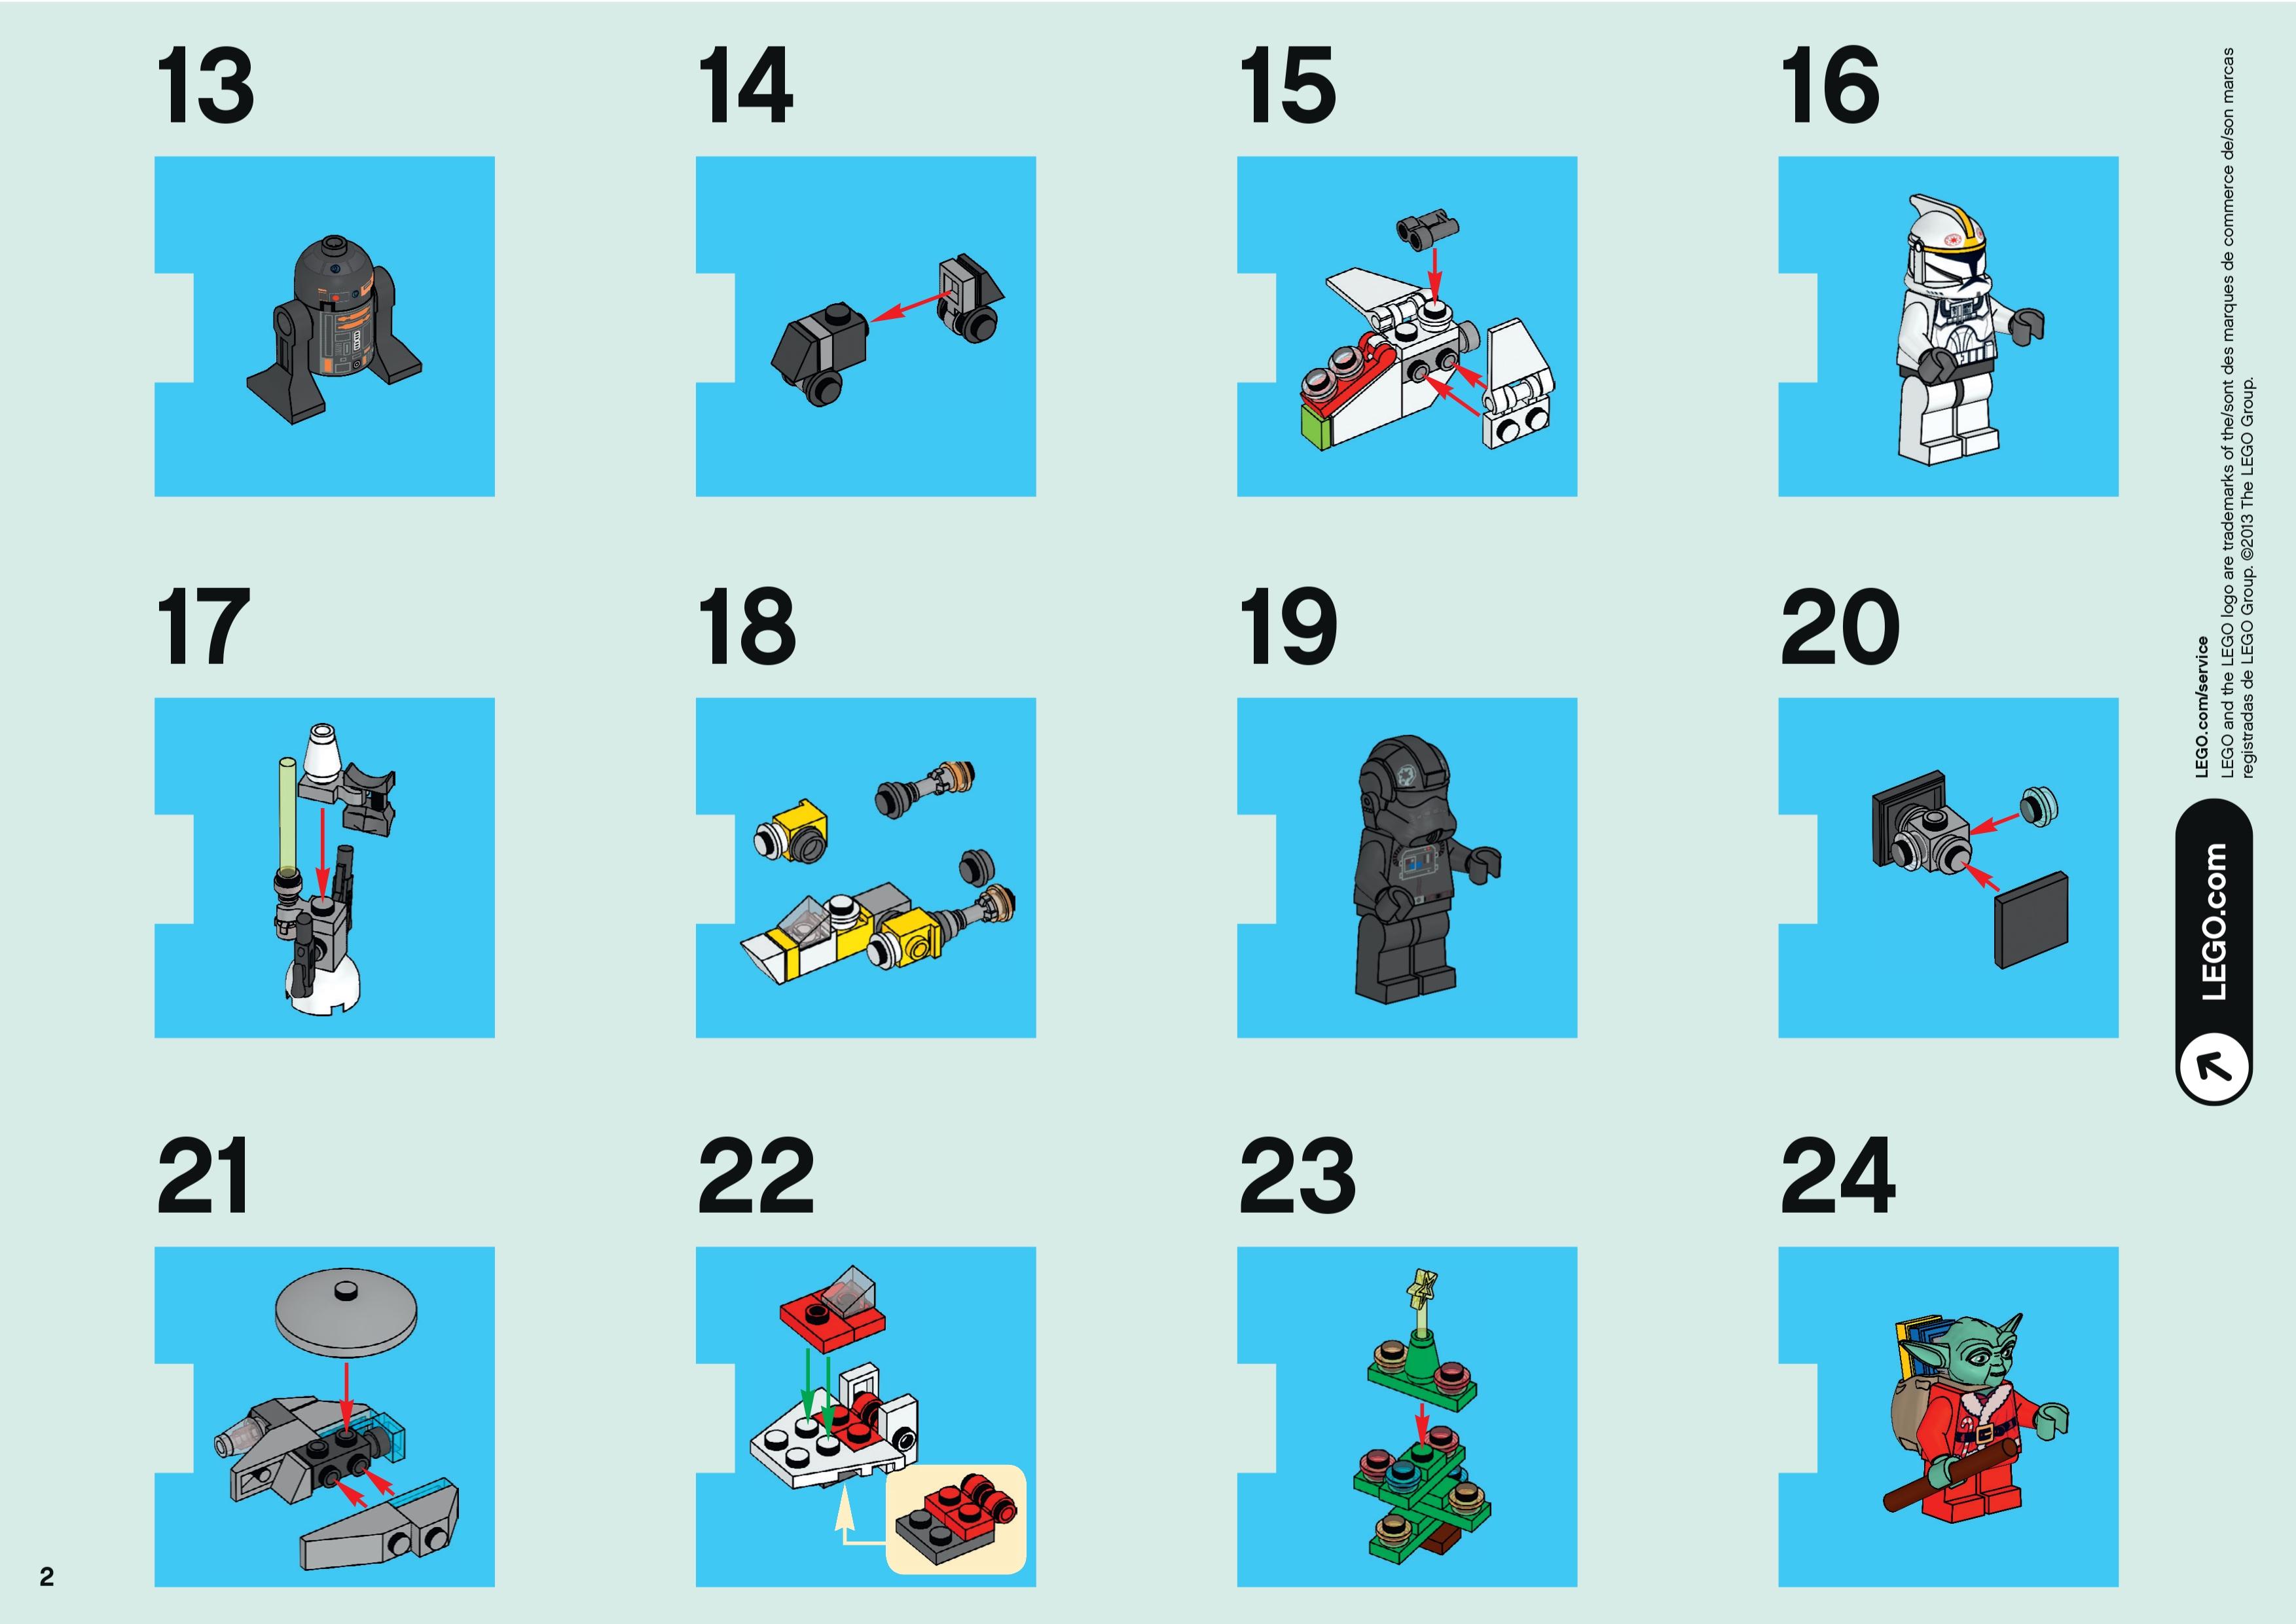 Star Wars Advent Calendar Номер 7958 Из Серии Звездные Войны regarding Lego Star Wars Calendar 2013